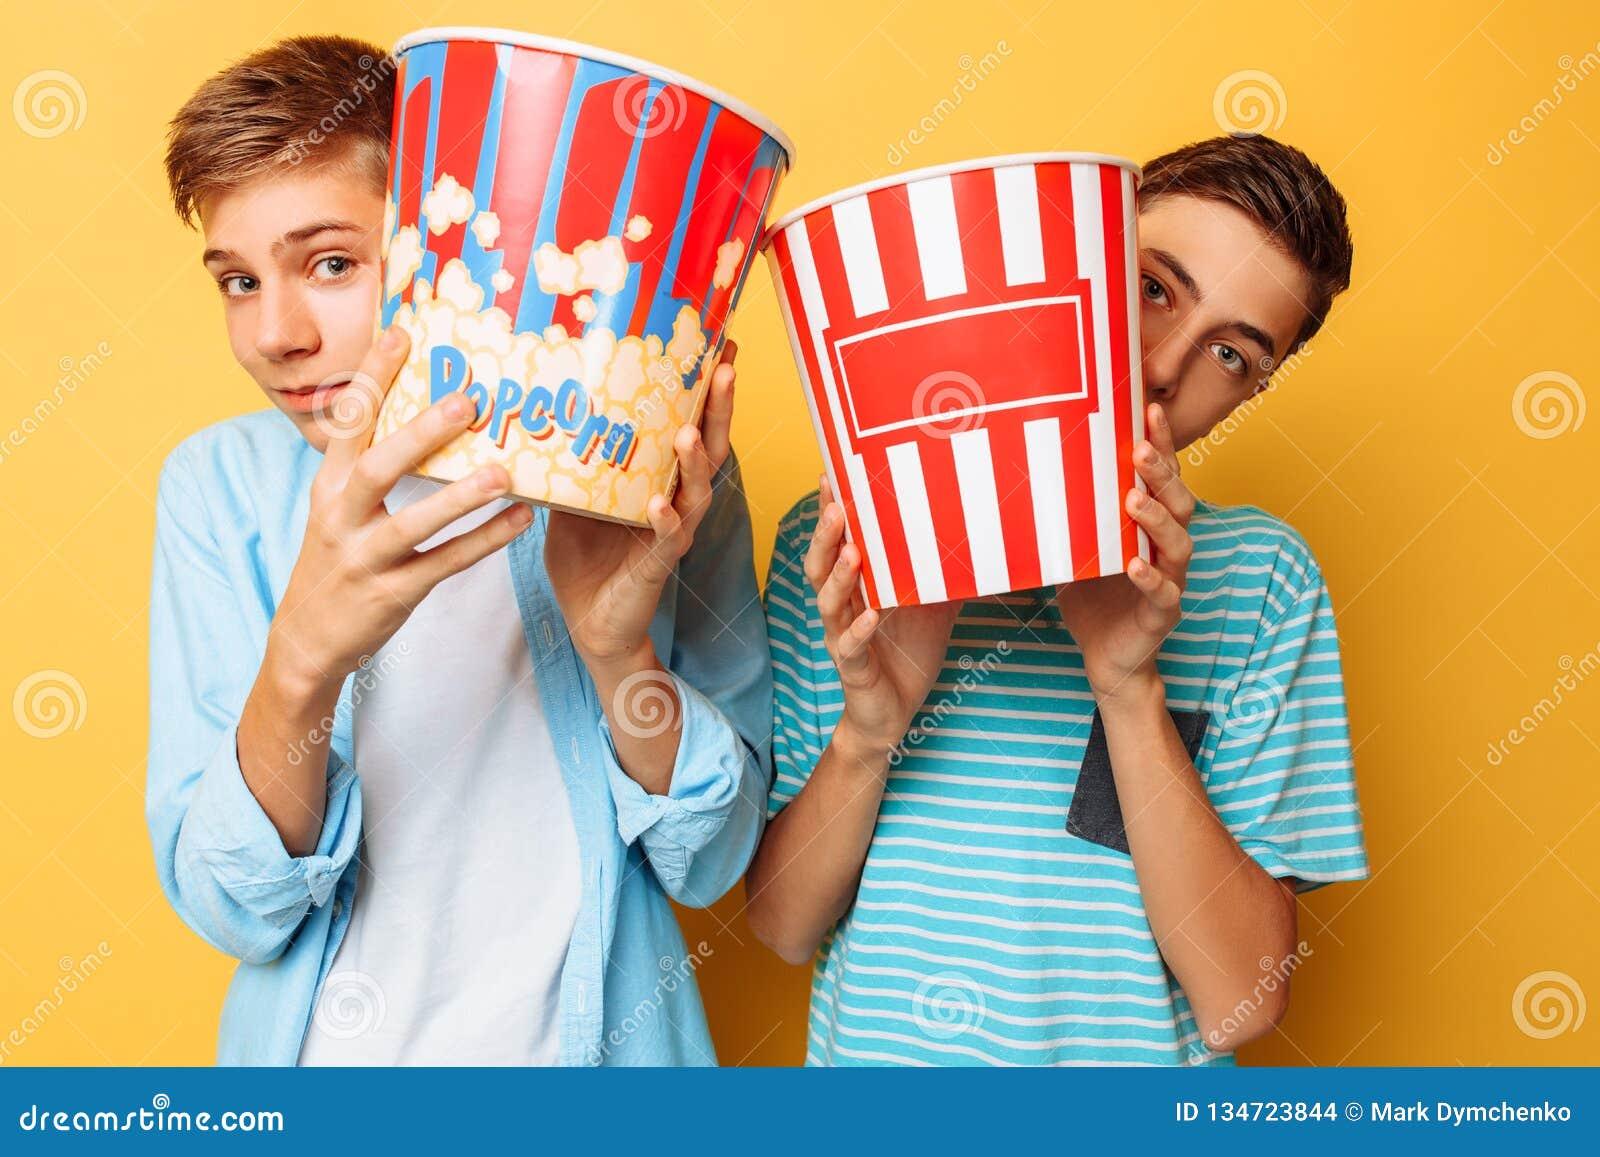 Bild von zwei erschrockenen Jugendlichen, Kerle, die einen Horrorfilm aufpassen und hinter einem Eimer Popcorn auf einem gelben H